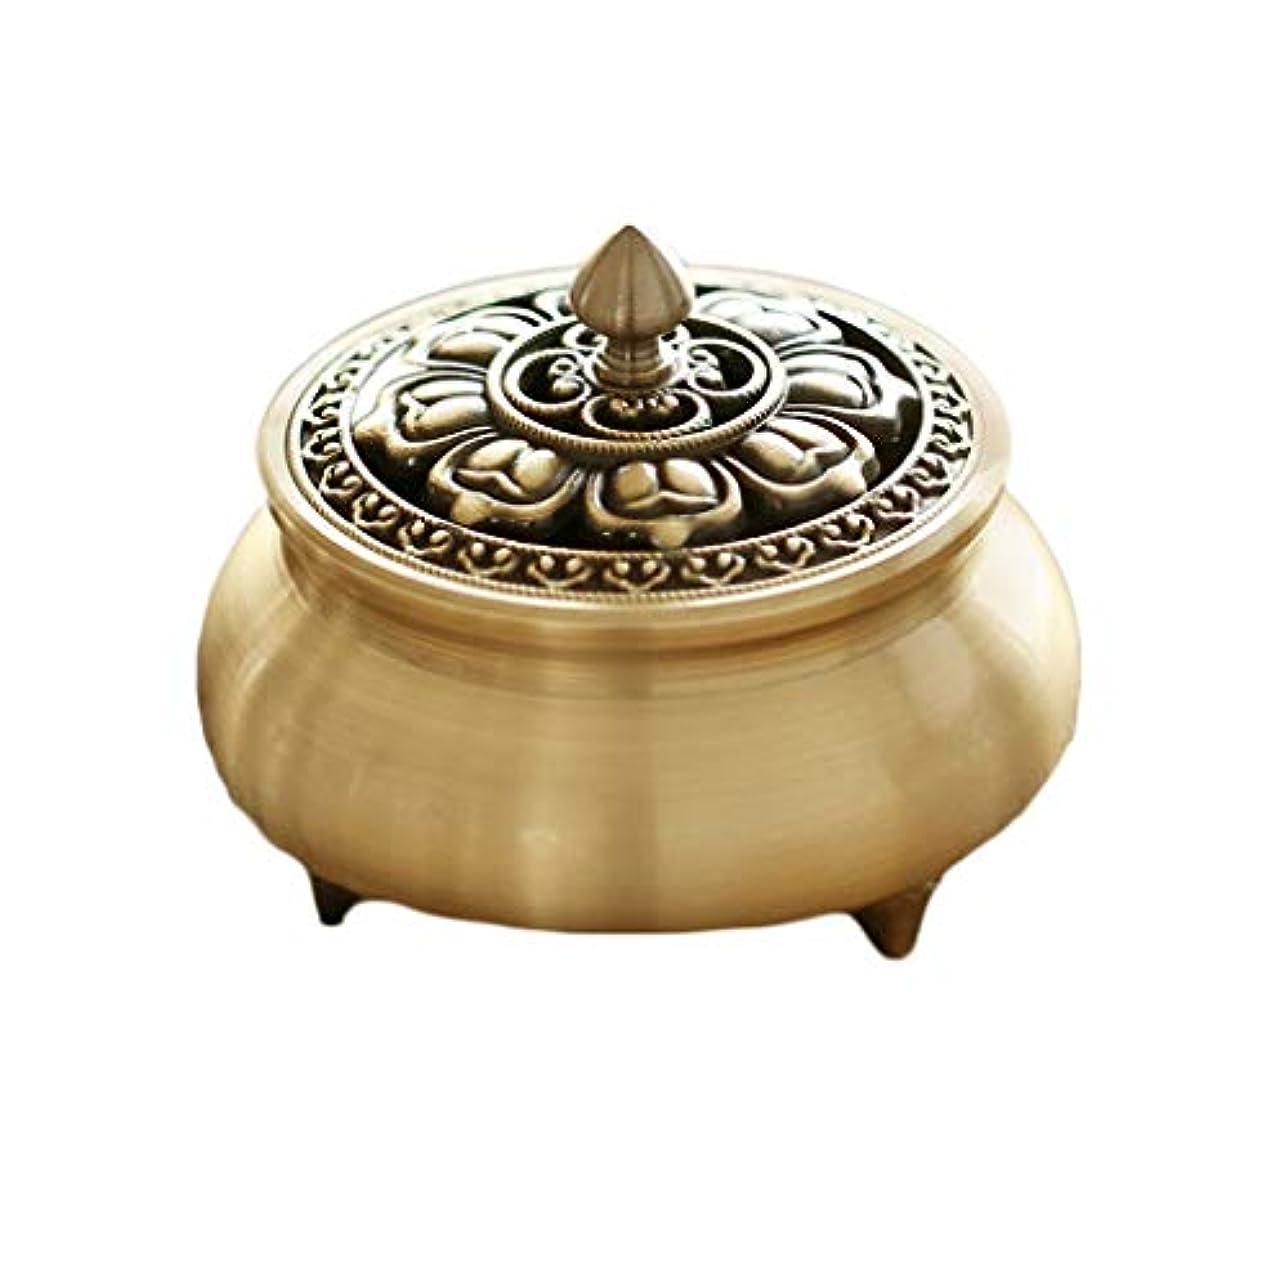 才能のあるスリップシューズ恵み芳香器?アロマバーナー 純粋な銅香炉ホームアンティーク白檀用仏寒天香炉香り装飾アロマセラピー炉 アロマバーナー (Color : Brass)